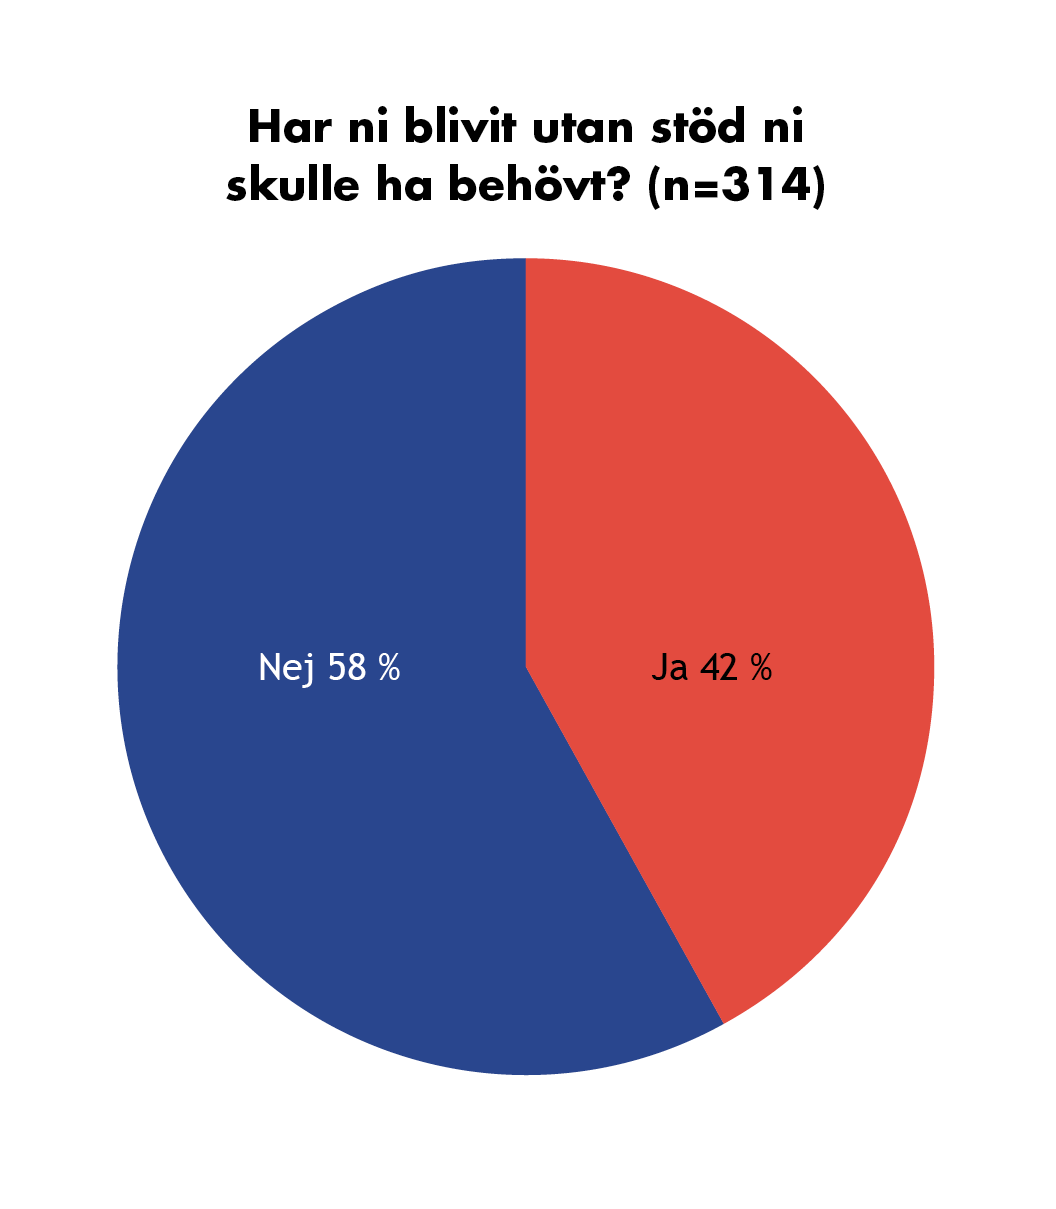 Graf: Har ni blivit utan stöd ni skulle ha behövt? 42 % svarade ja, 58 % svarade nej.